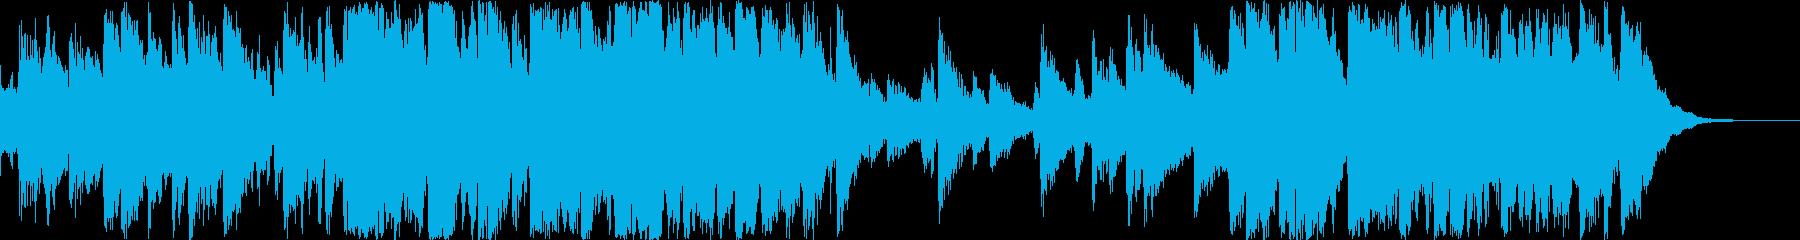 早春賦のJazzアレンジ3拍子の再生済みの波形